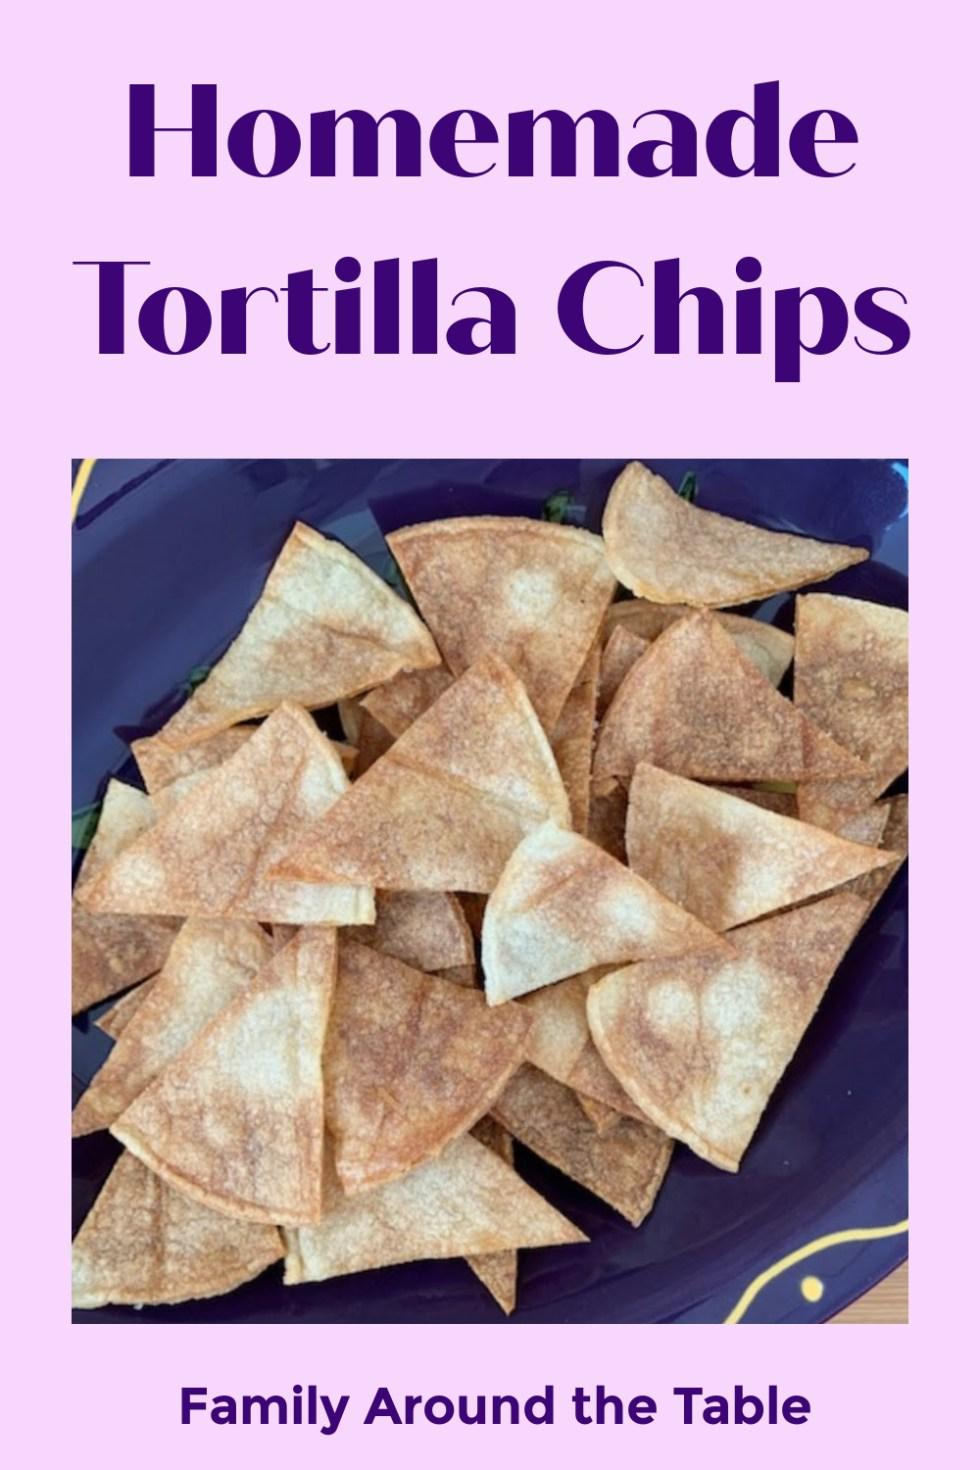 Homemade Tortilla Chips Pinterest Image